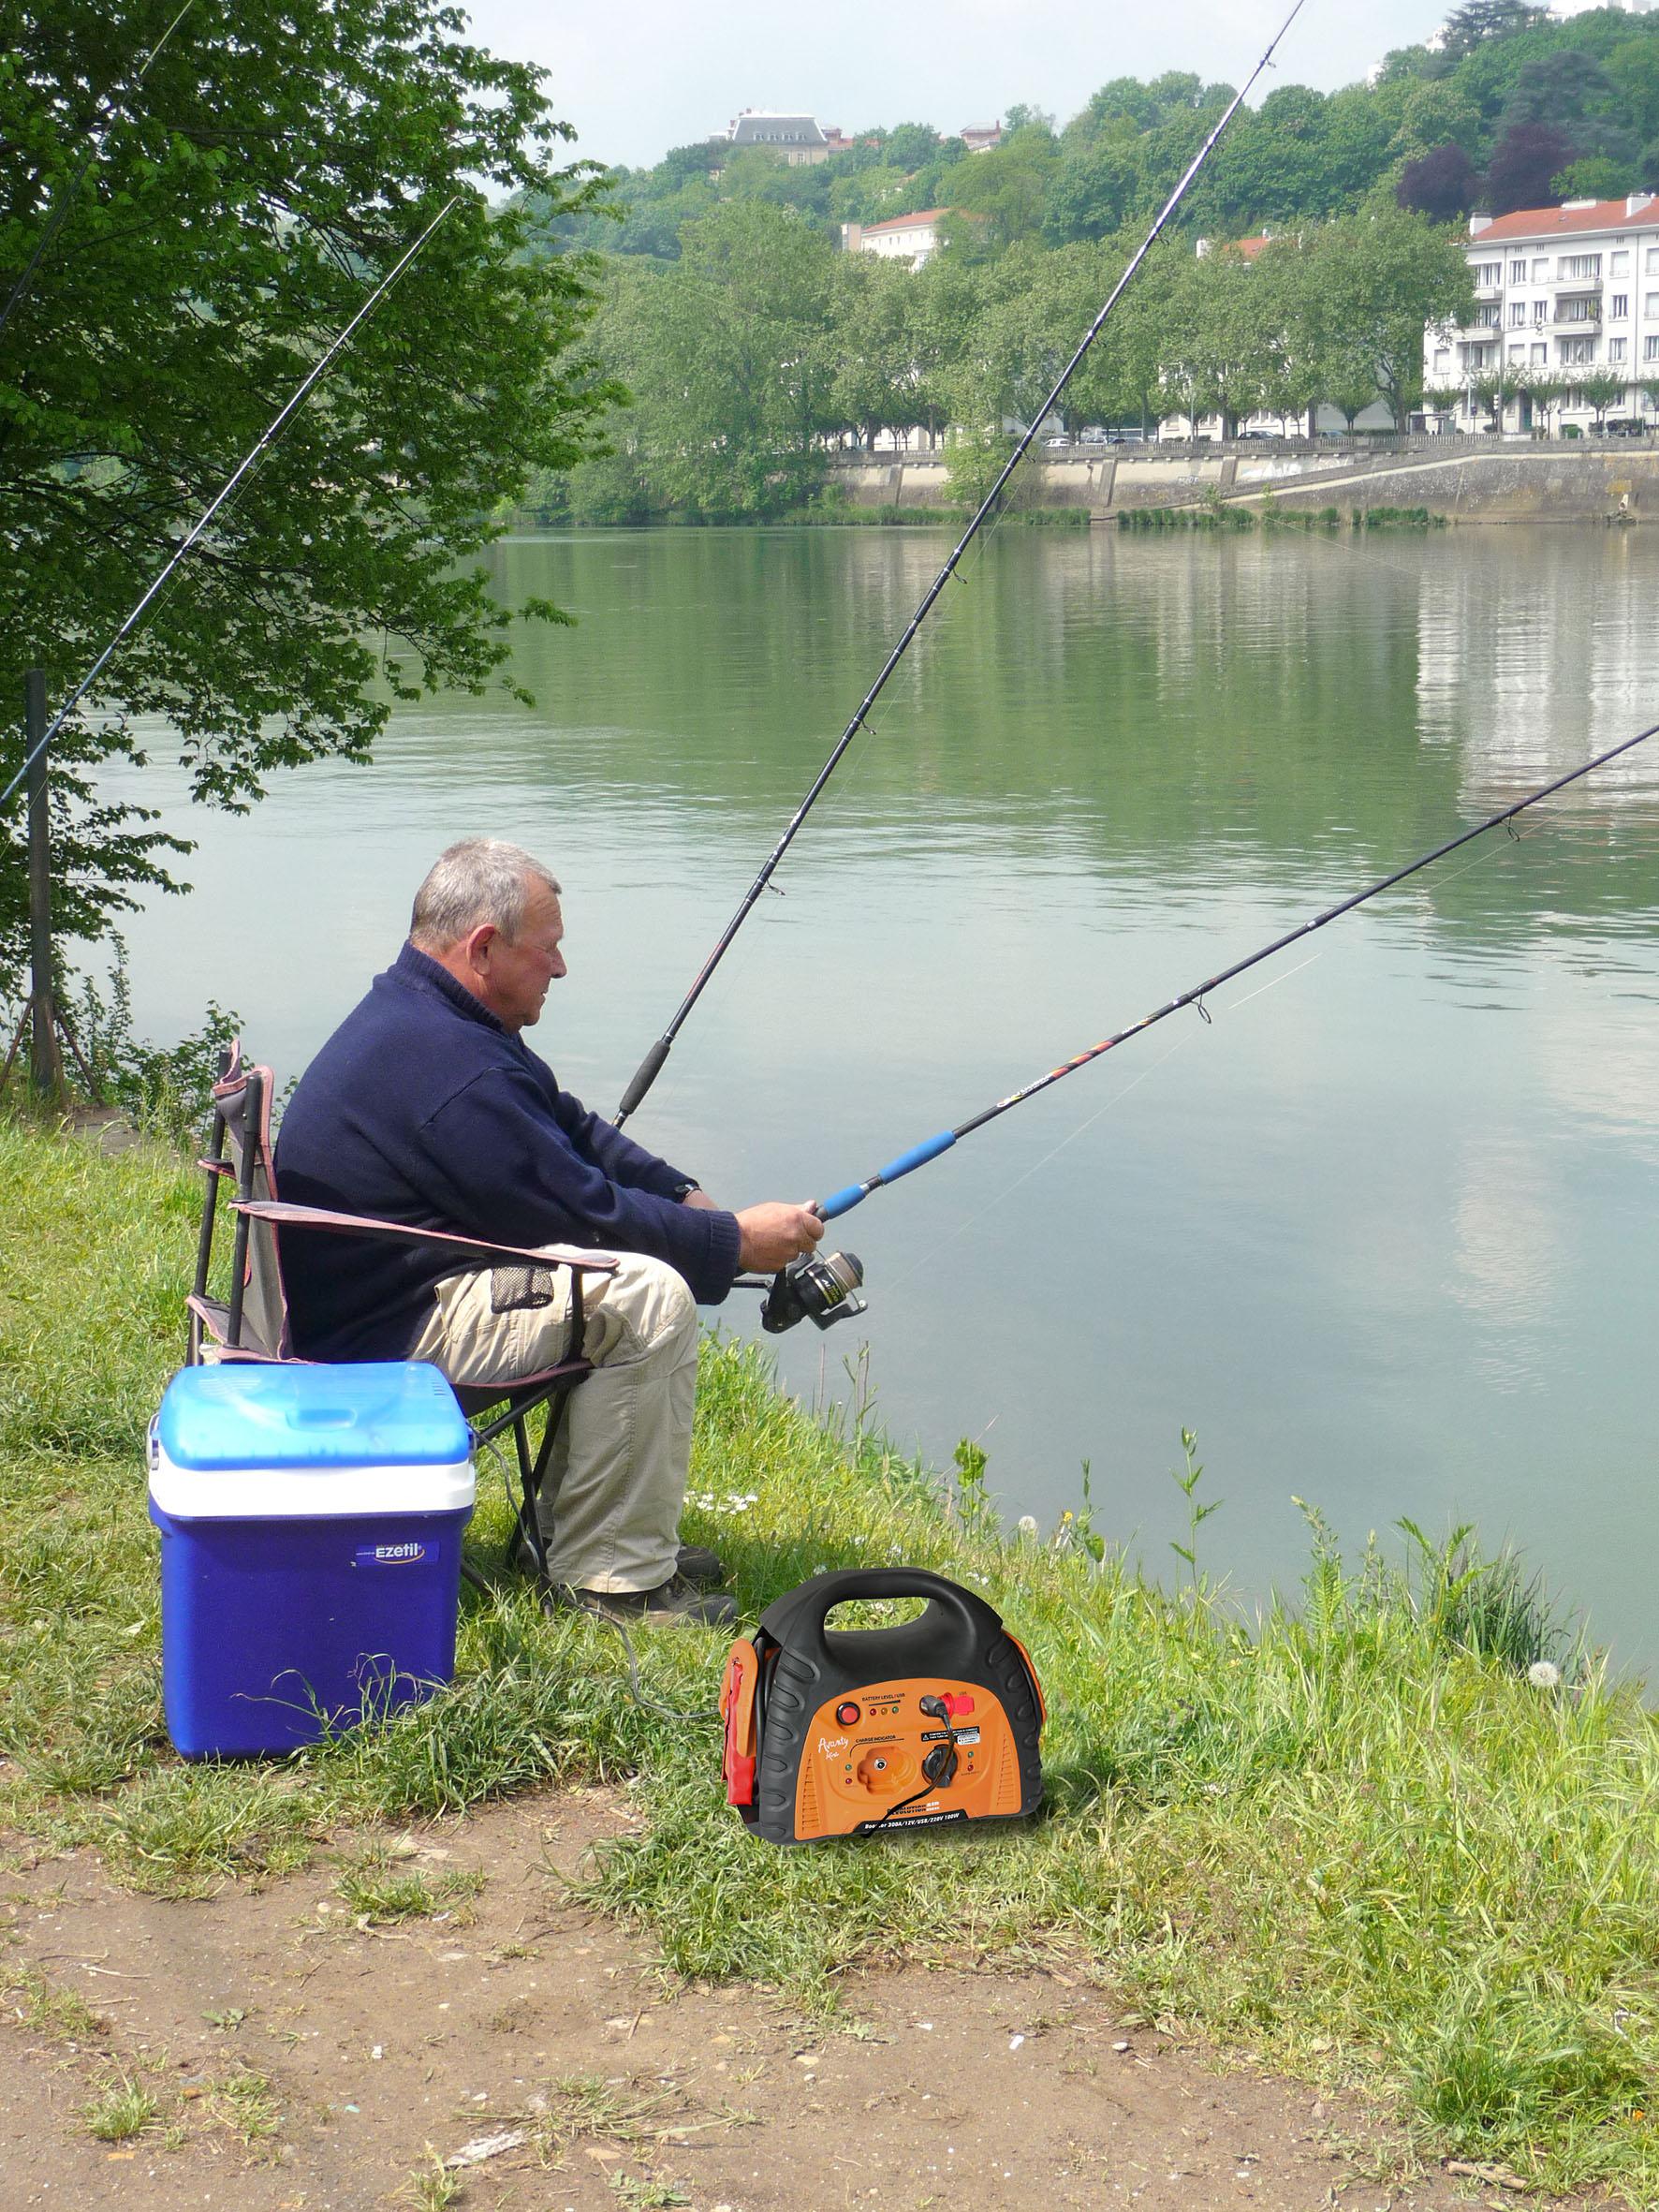 Stations energie pour la casse la pêche